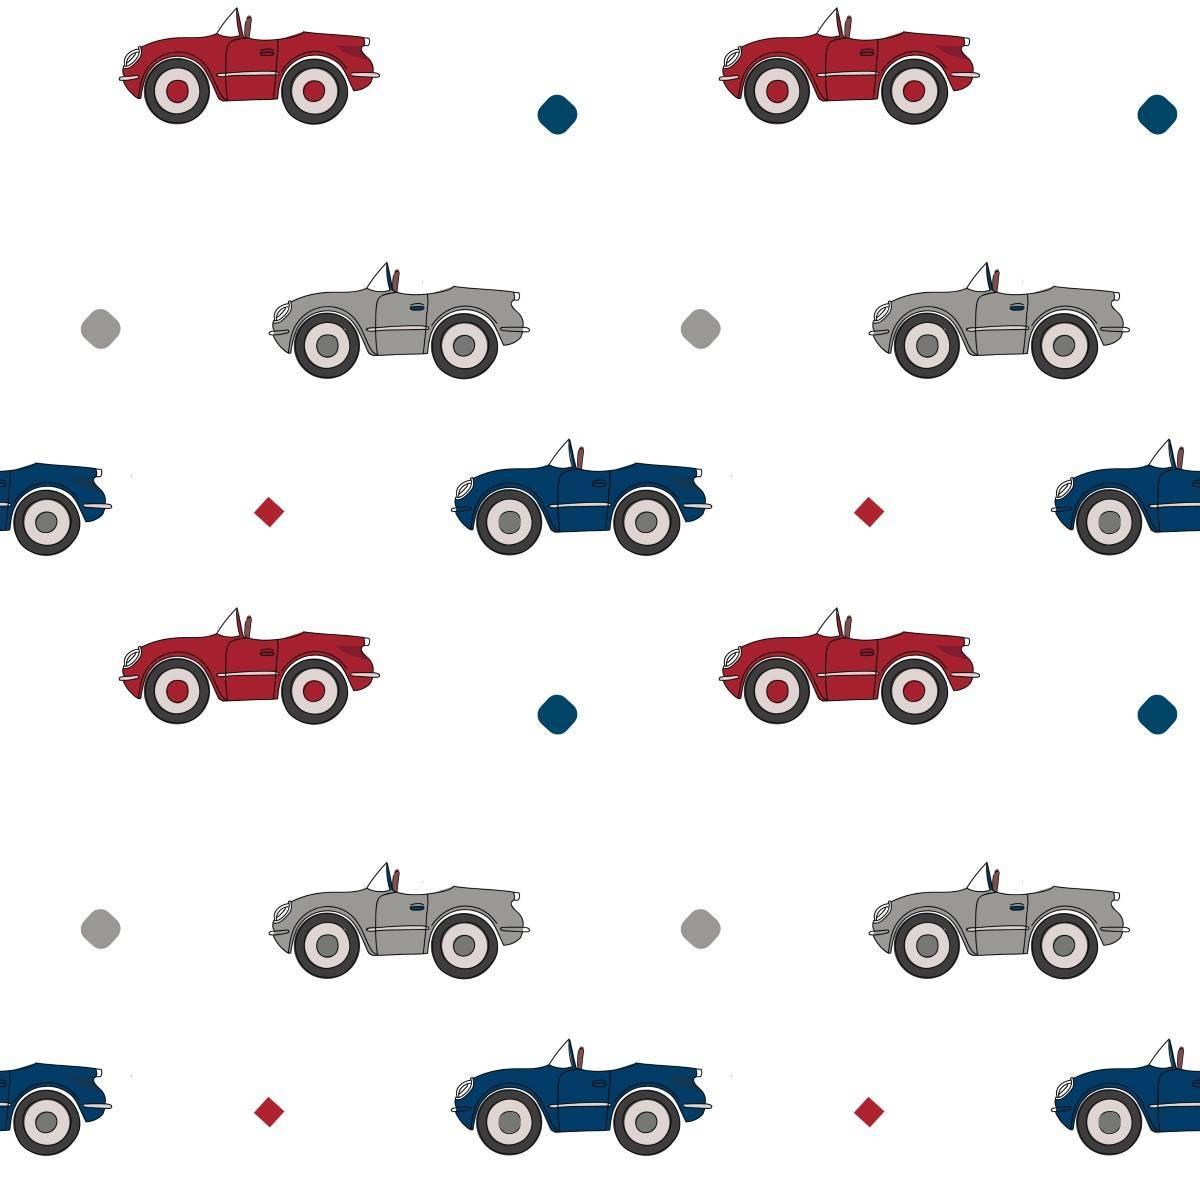 Papel de Parede Adesivo Automóveis /Rolo imagem 1